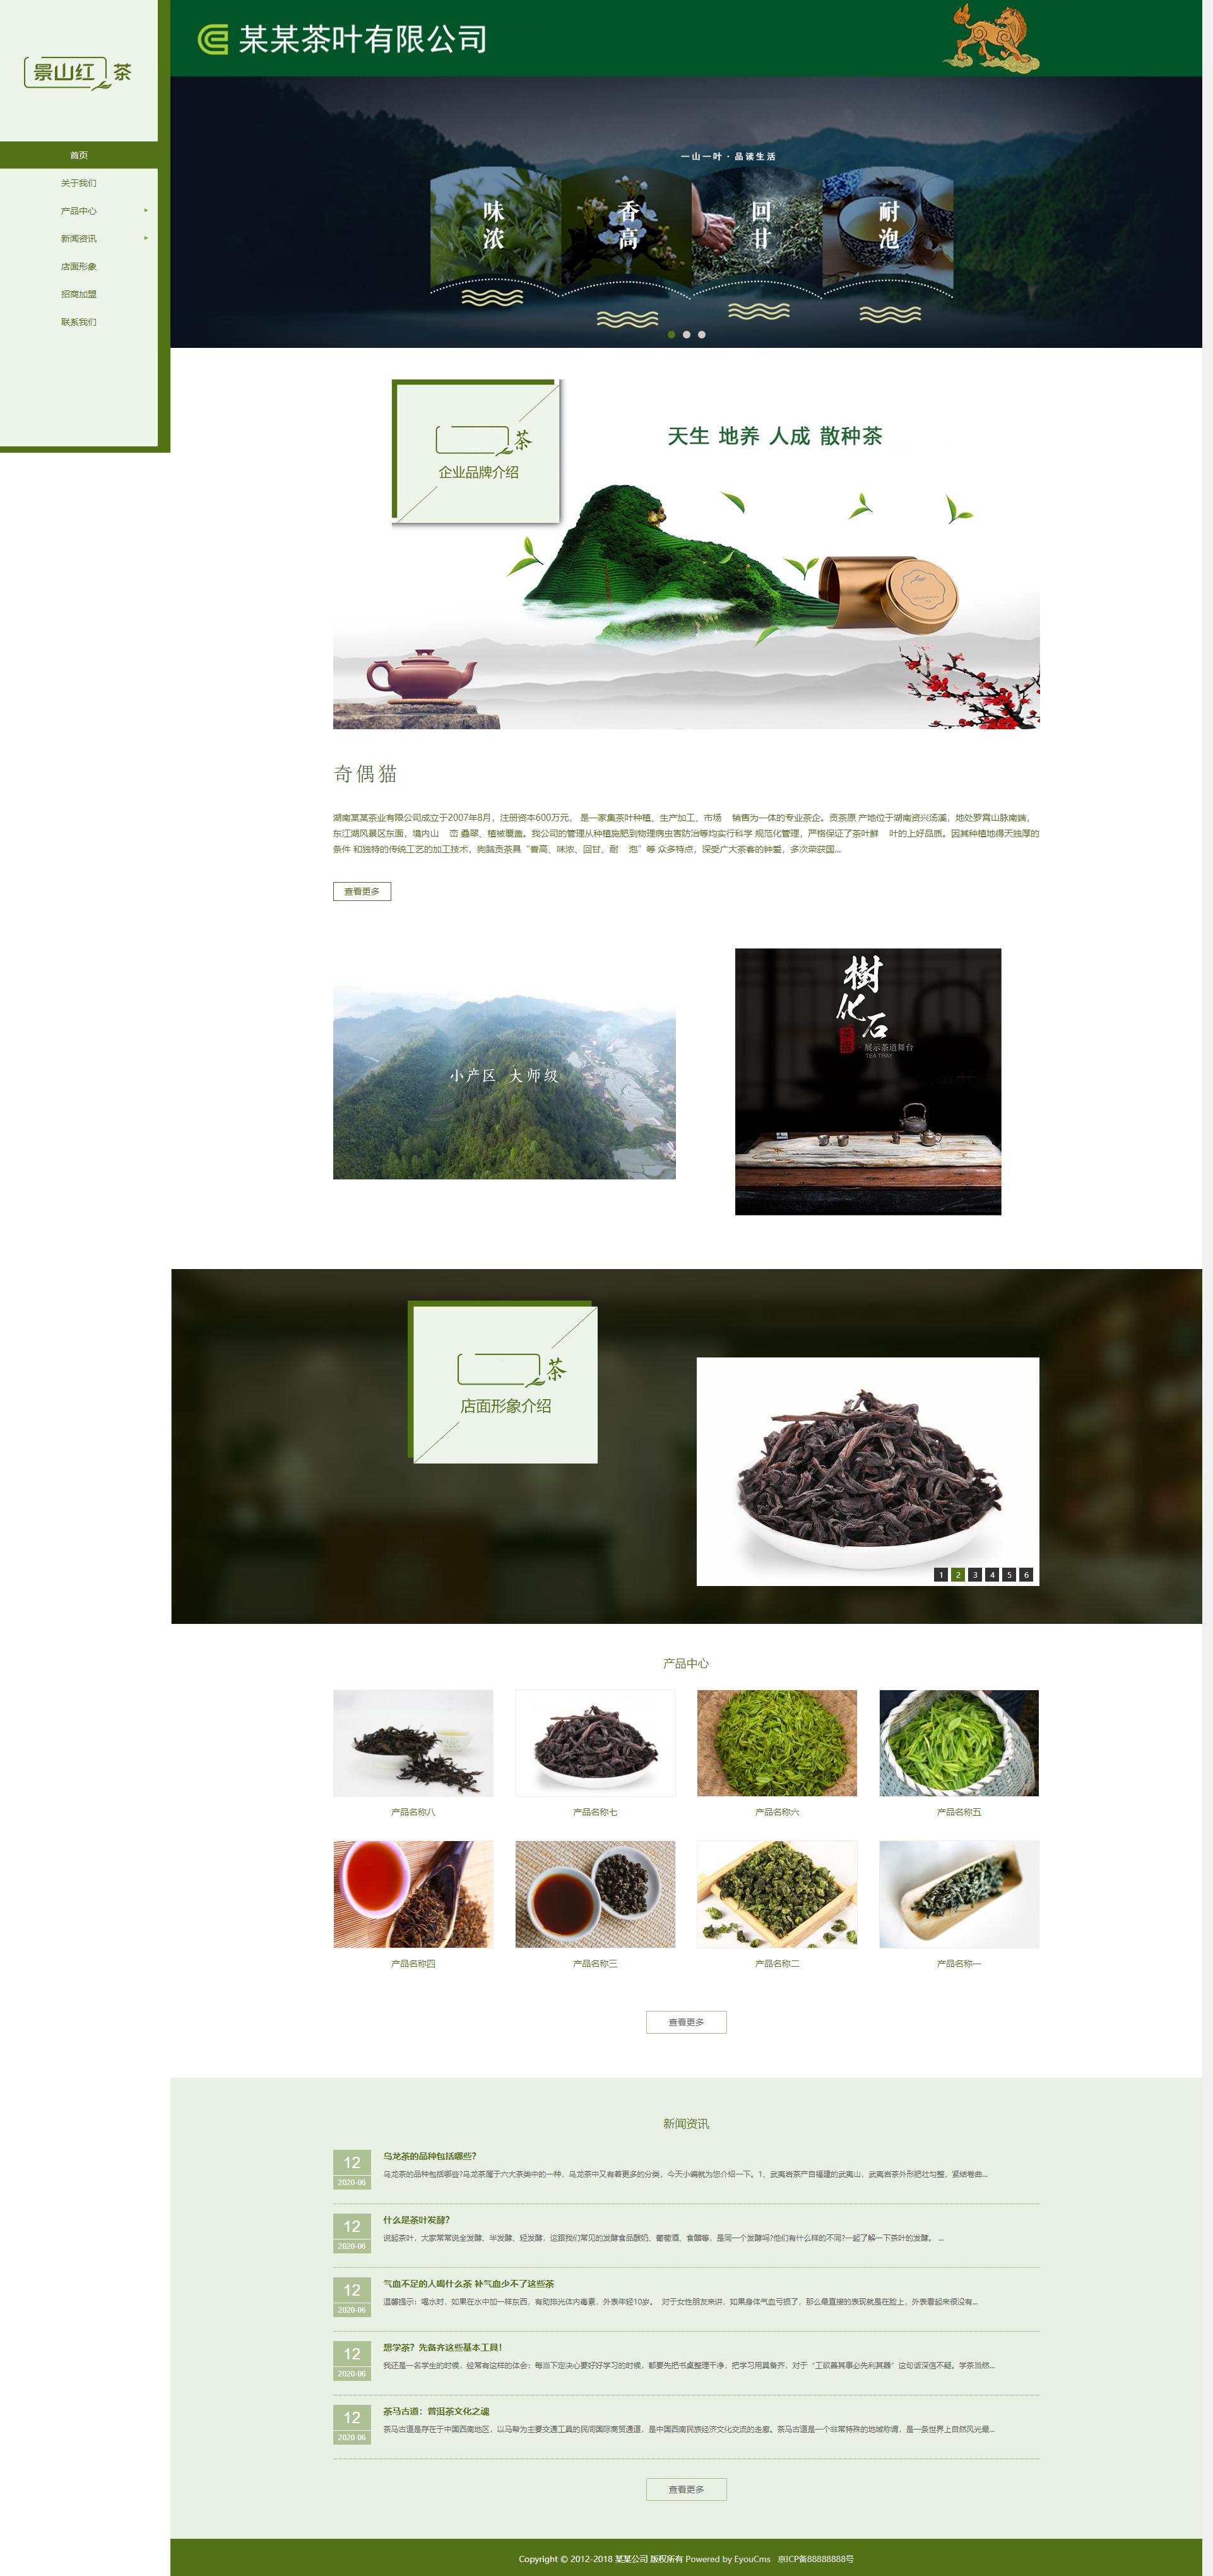 亲测丨易优CMS模板茶叶种植生产加工行业公司企业网站官网通用源码带自适应手机版